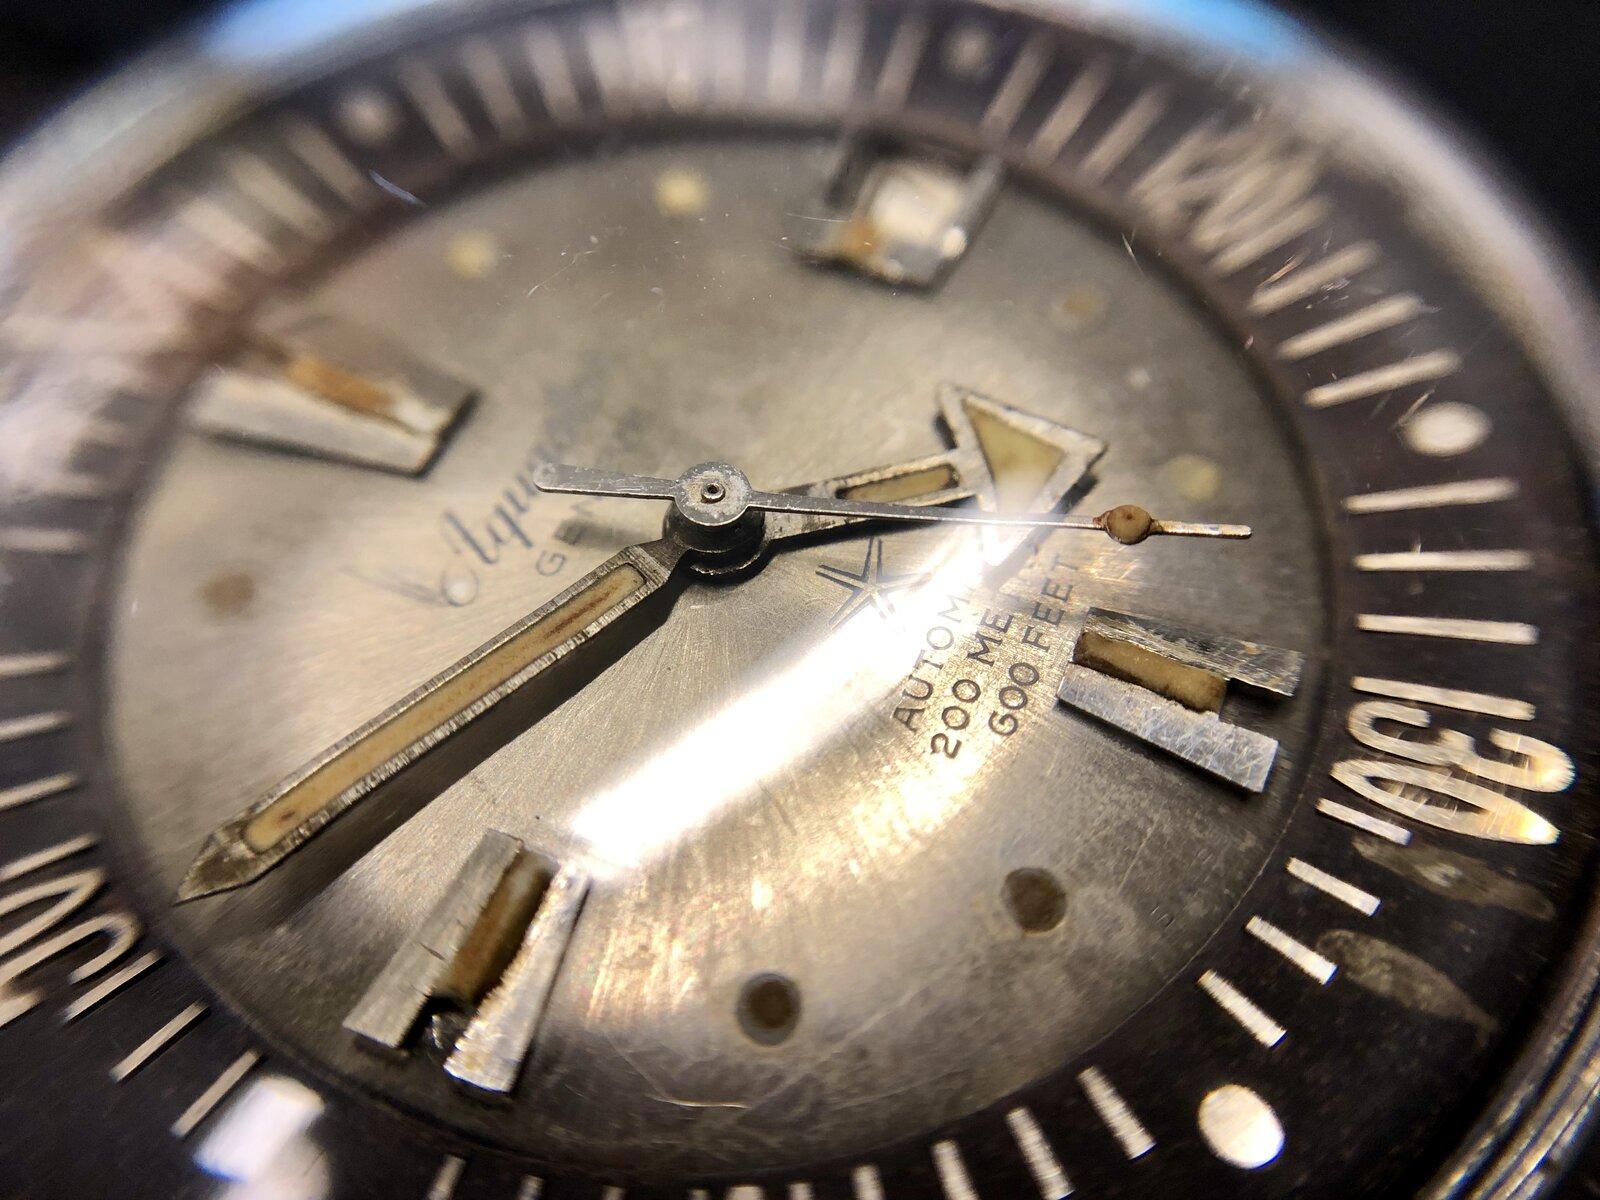 622A3420-86BA-429B-987C-7BFC416E15B8.